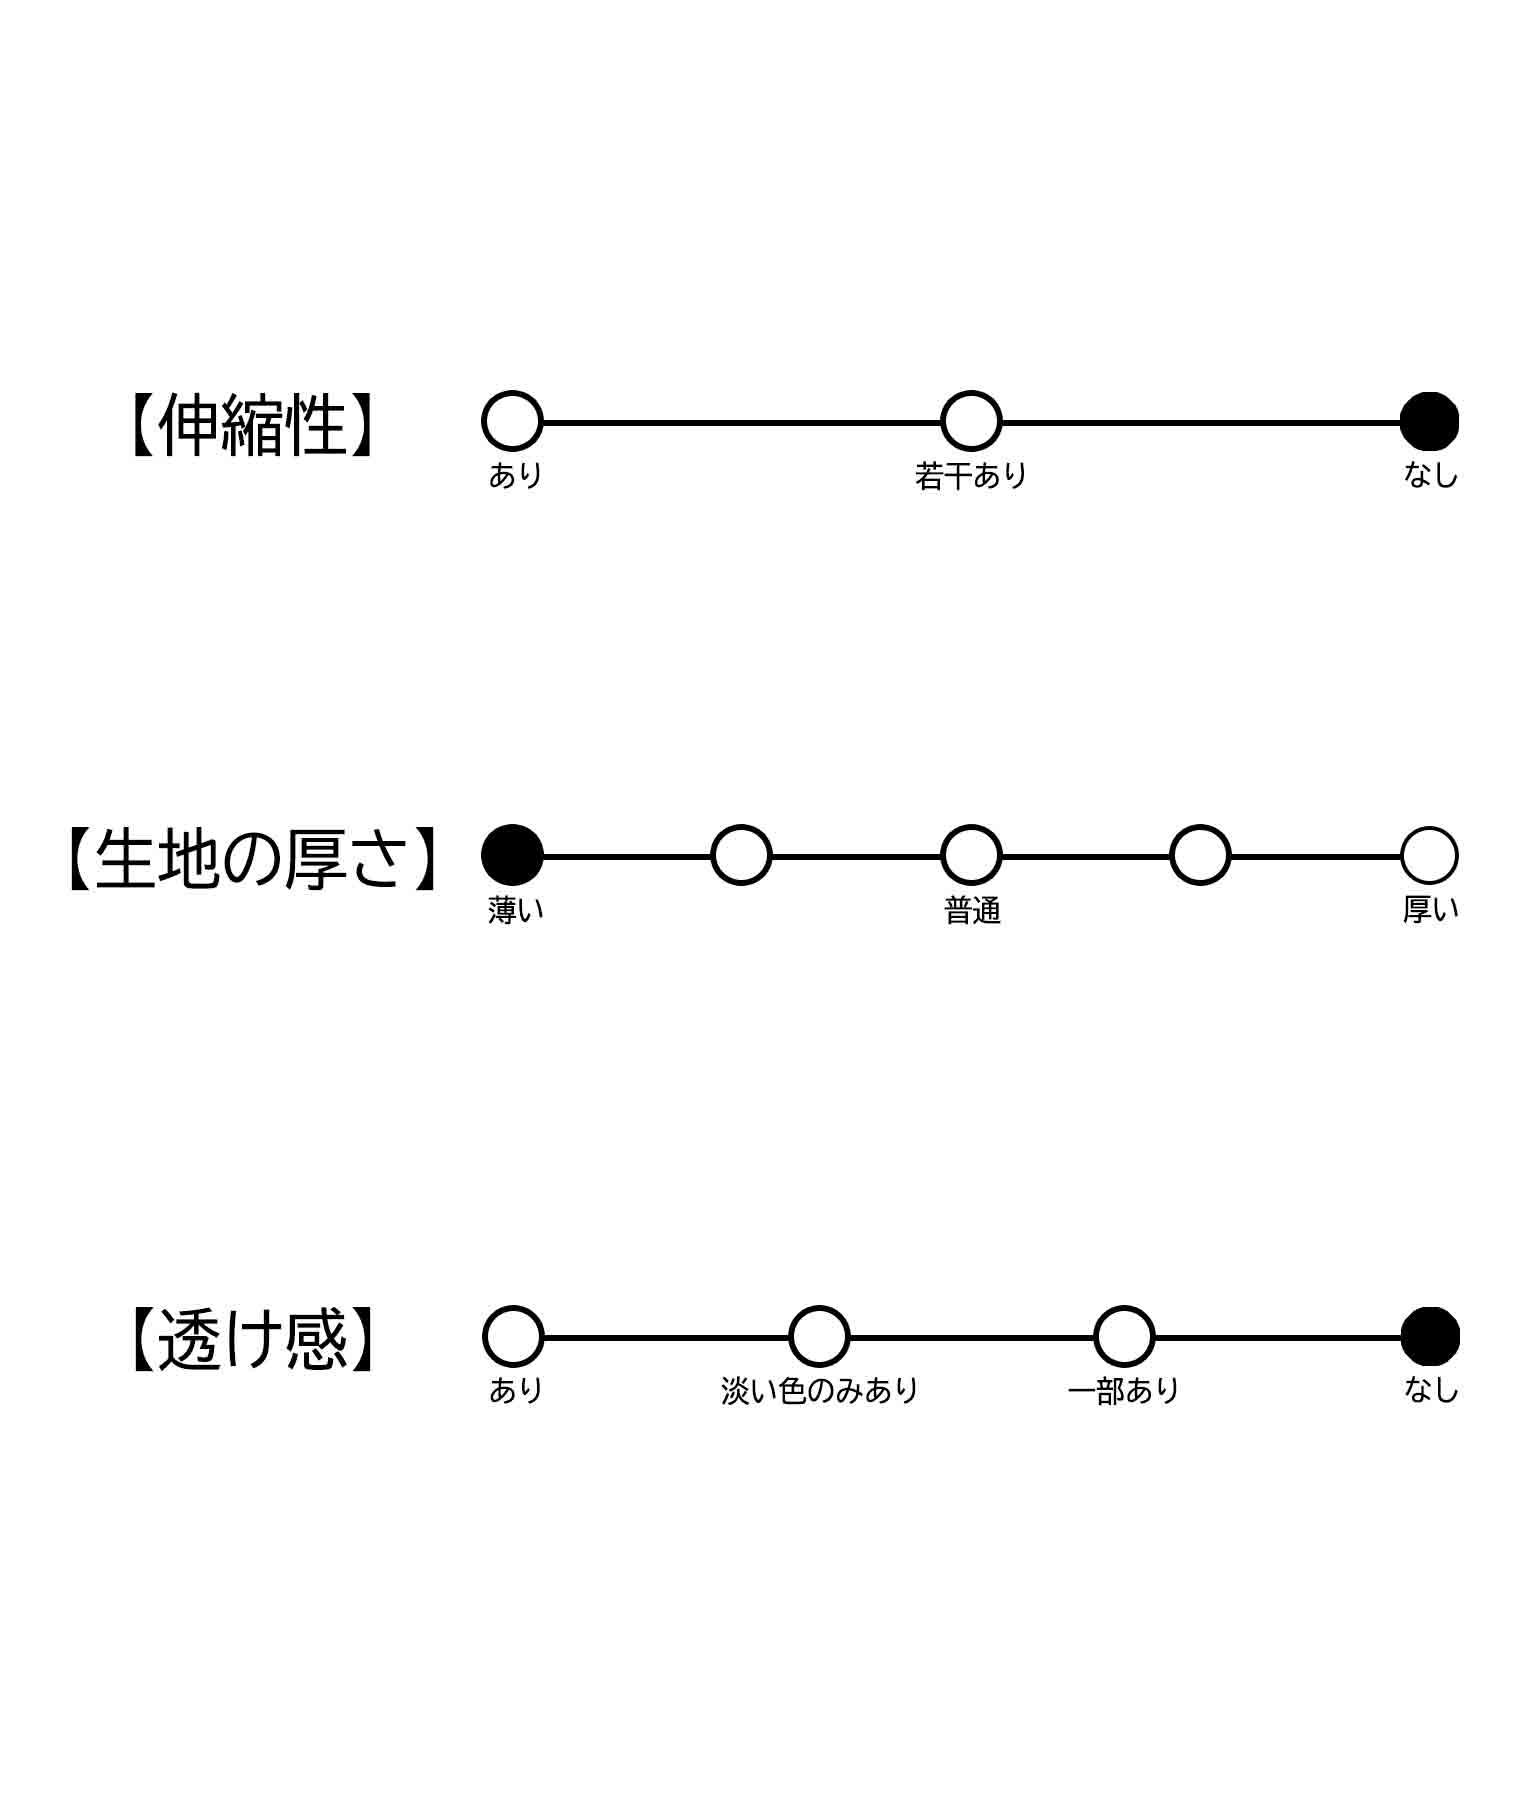 ウエストギャザーボタン付きロングワンピース(ワンピース・ドレス/ロングワンピ・マキシ丈ワンピース) | CHILLE